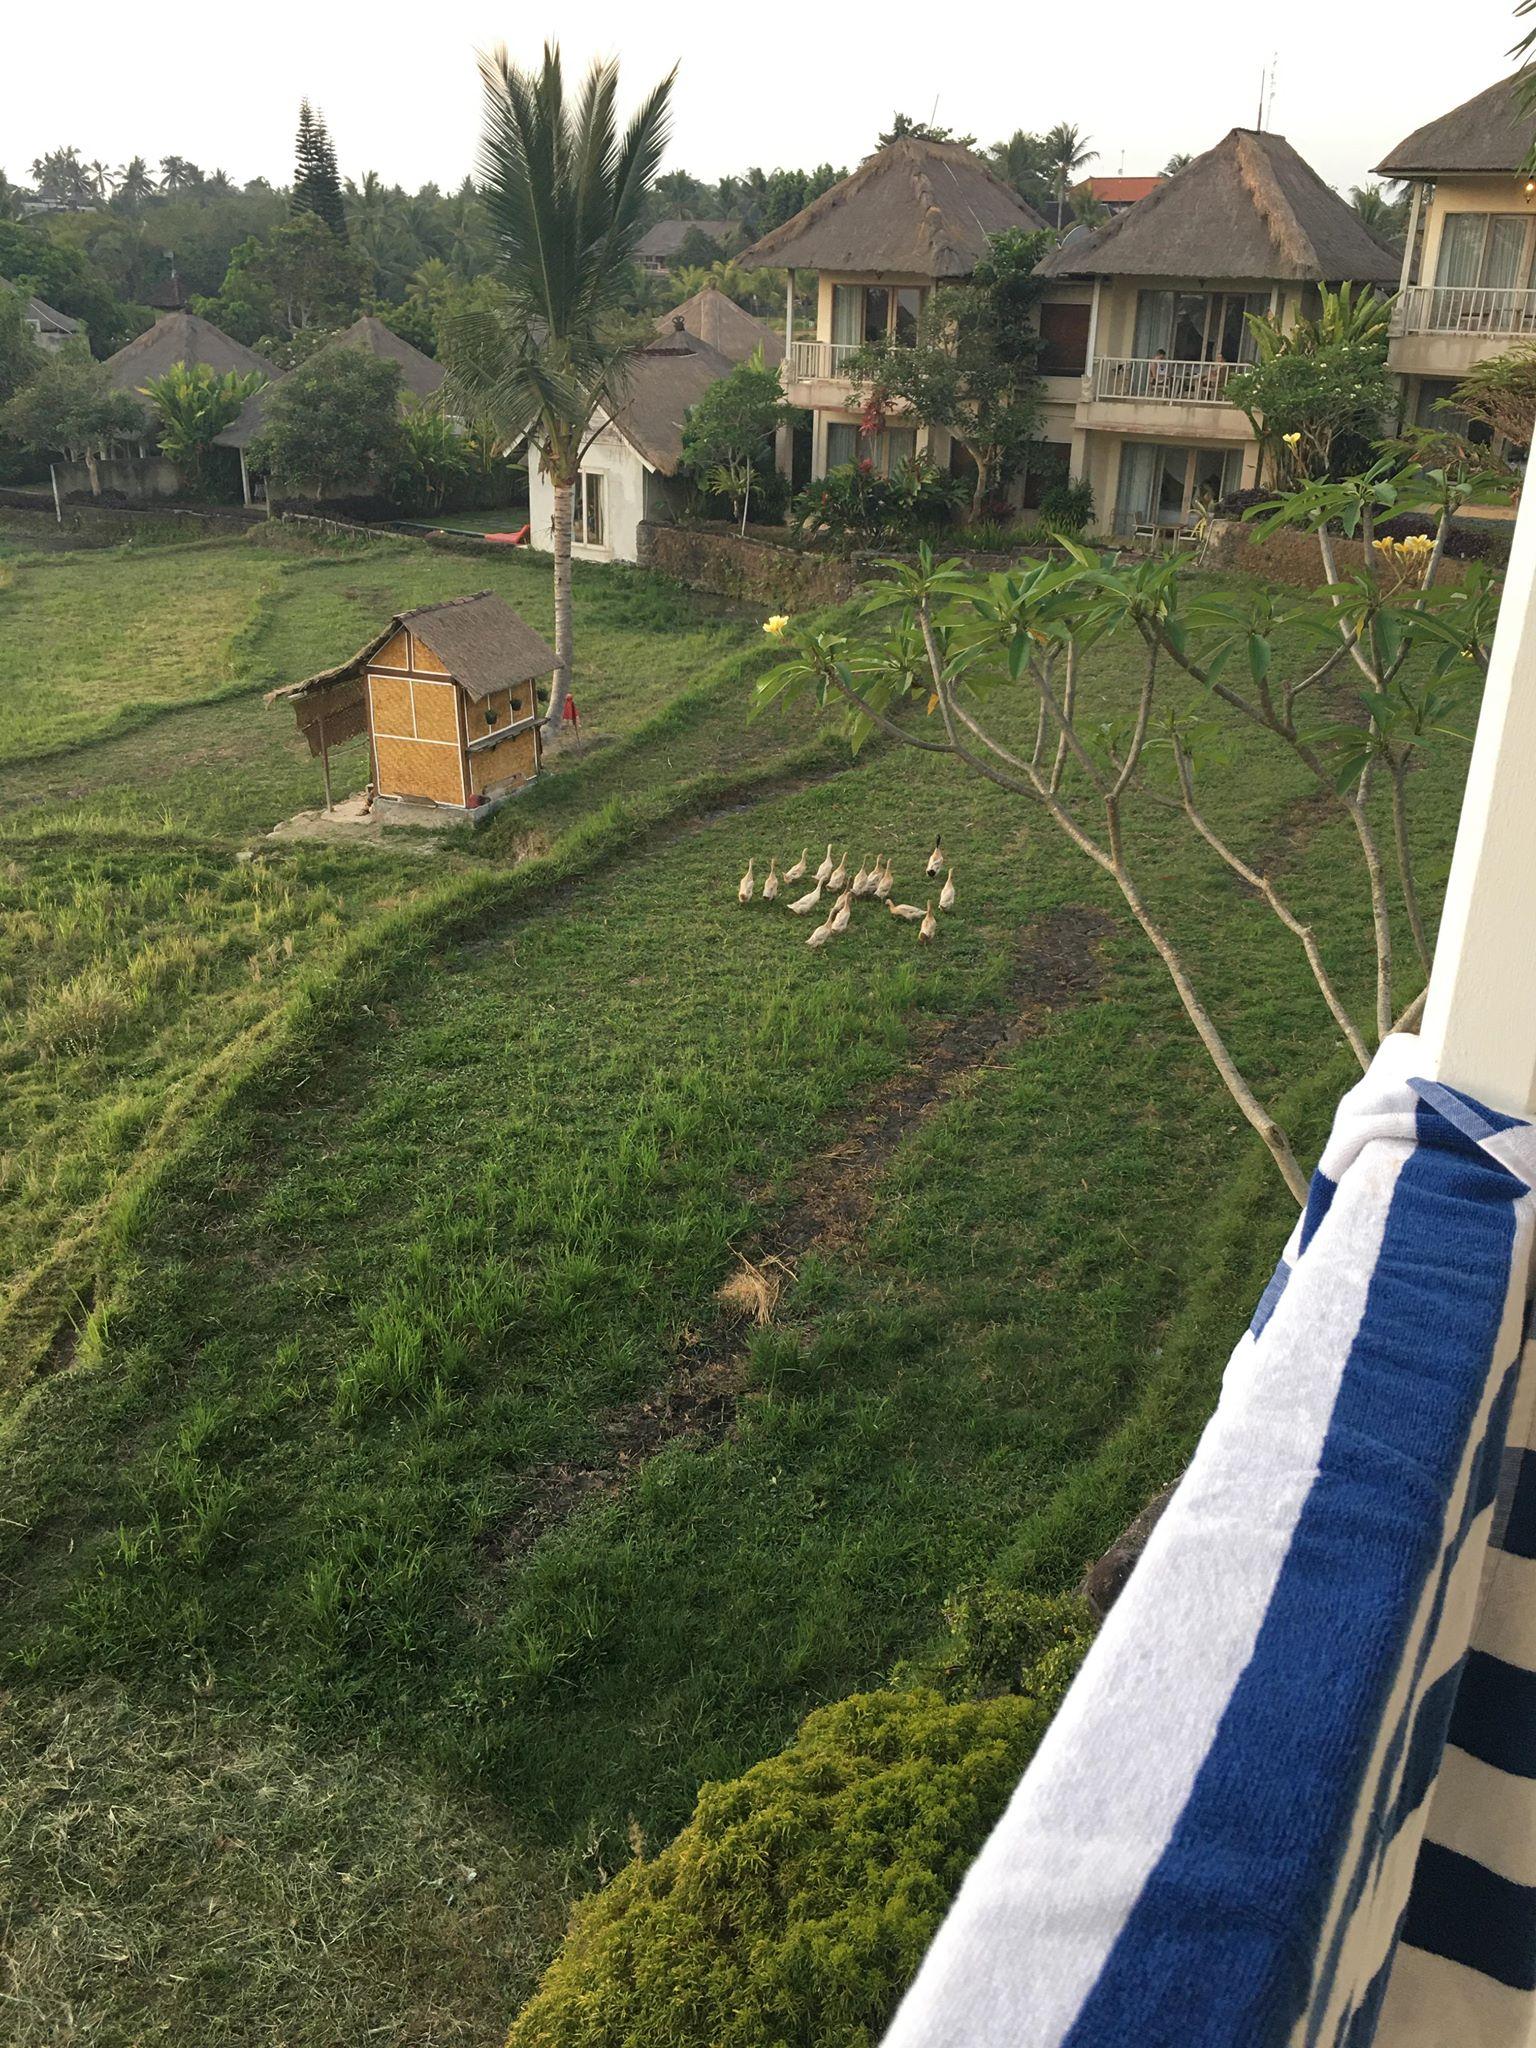 bsaya ducks